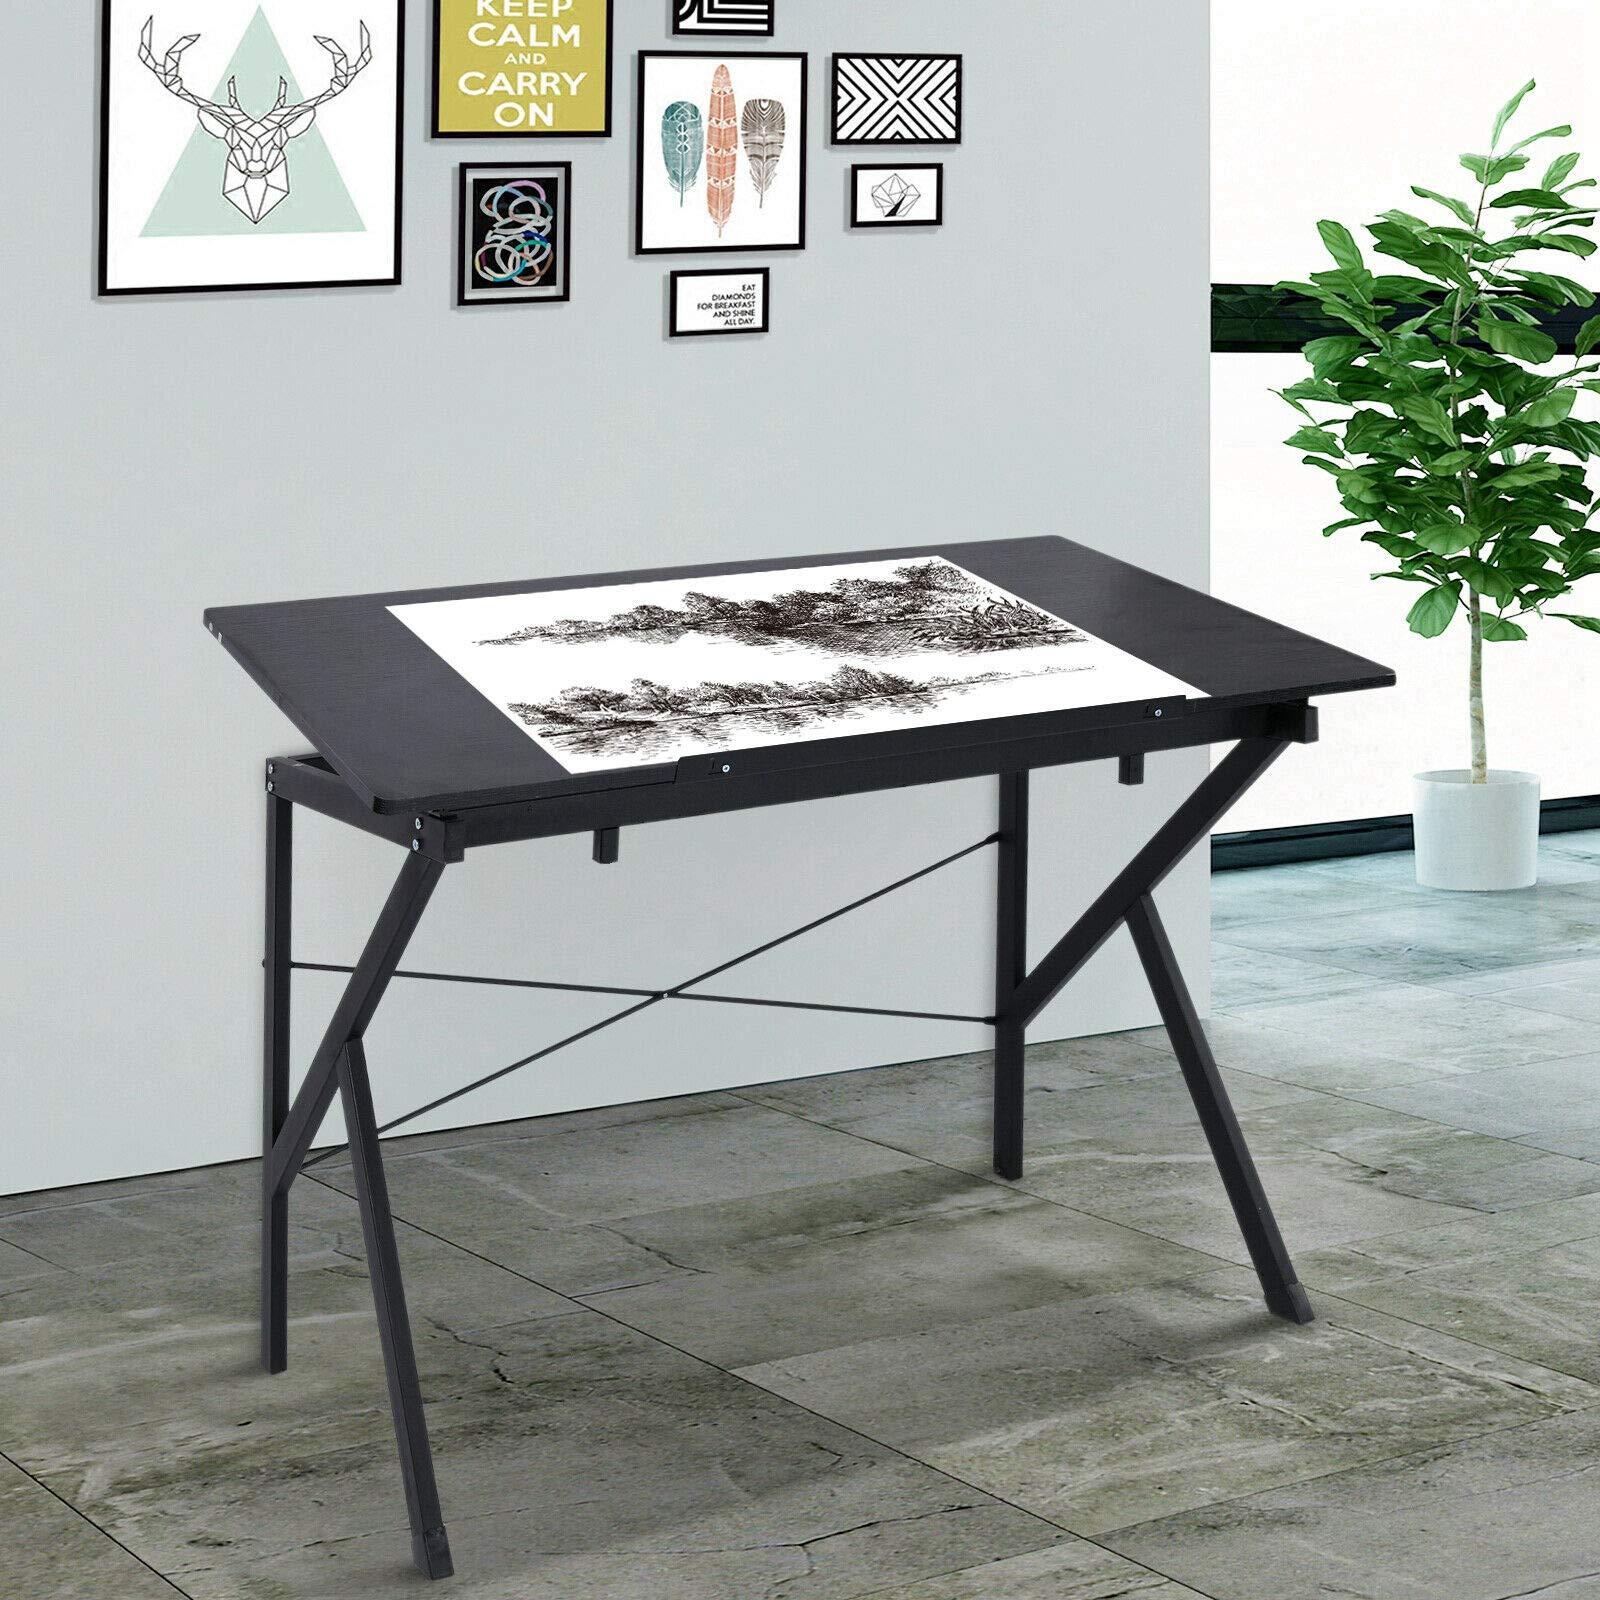 Adjustable Tilting Art Drawing Draft Table Home Office Desktop Wooden Foldable Black